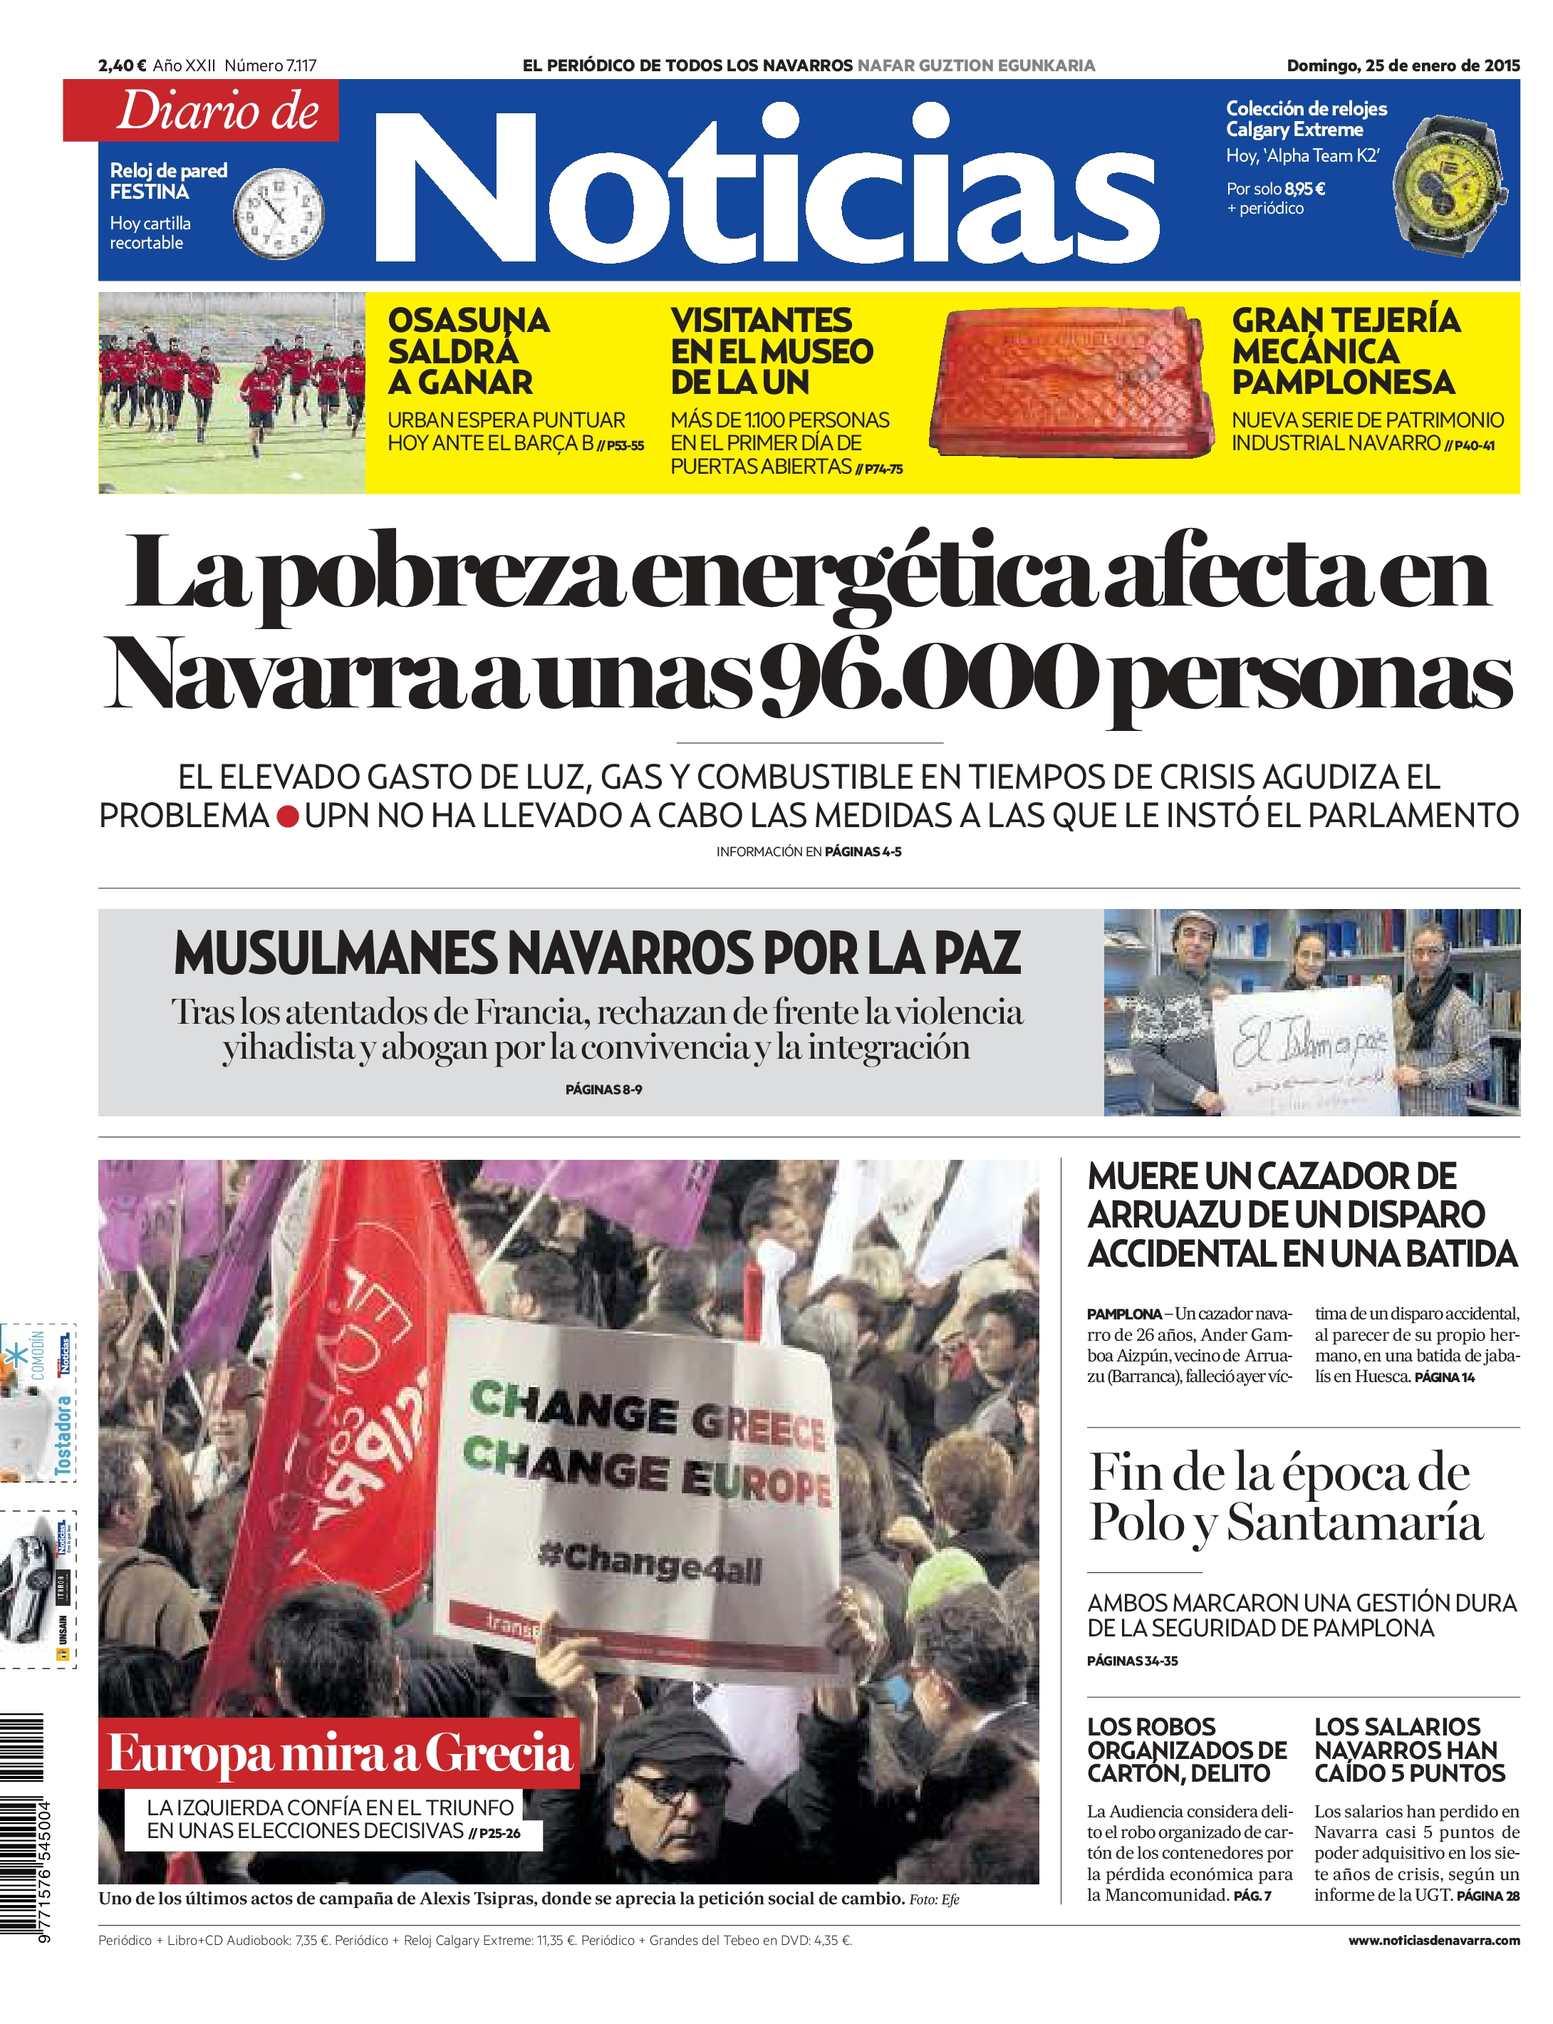 Calaméo - Diario de Noticias 20150125